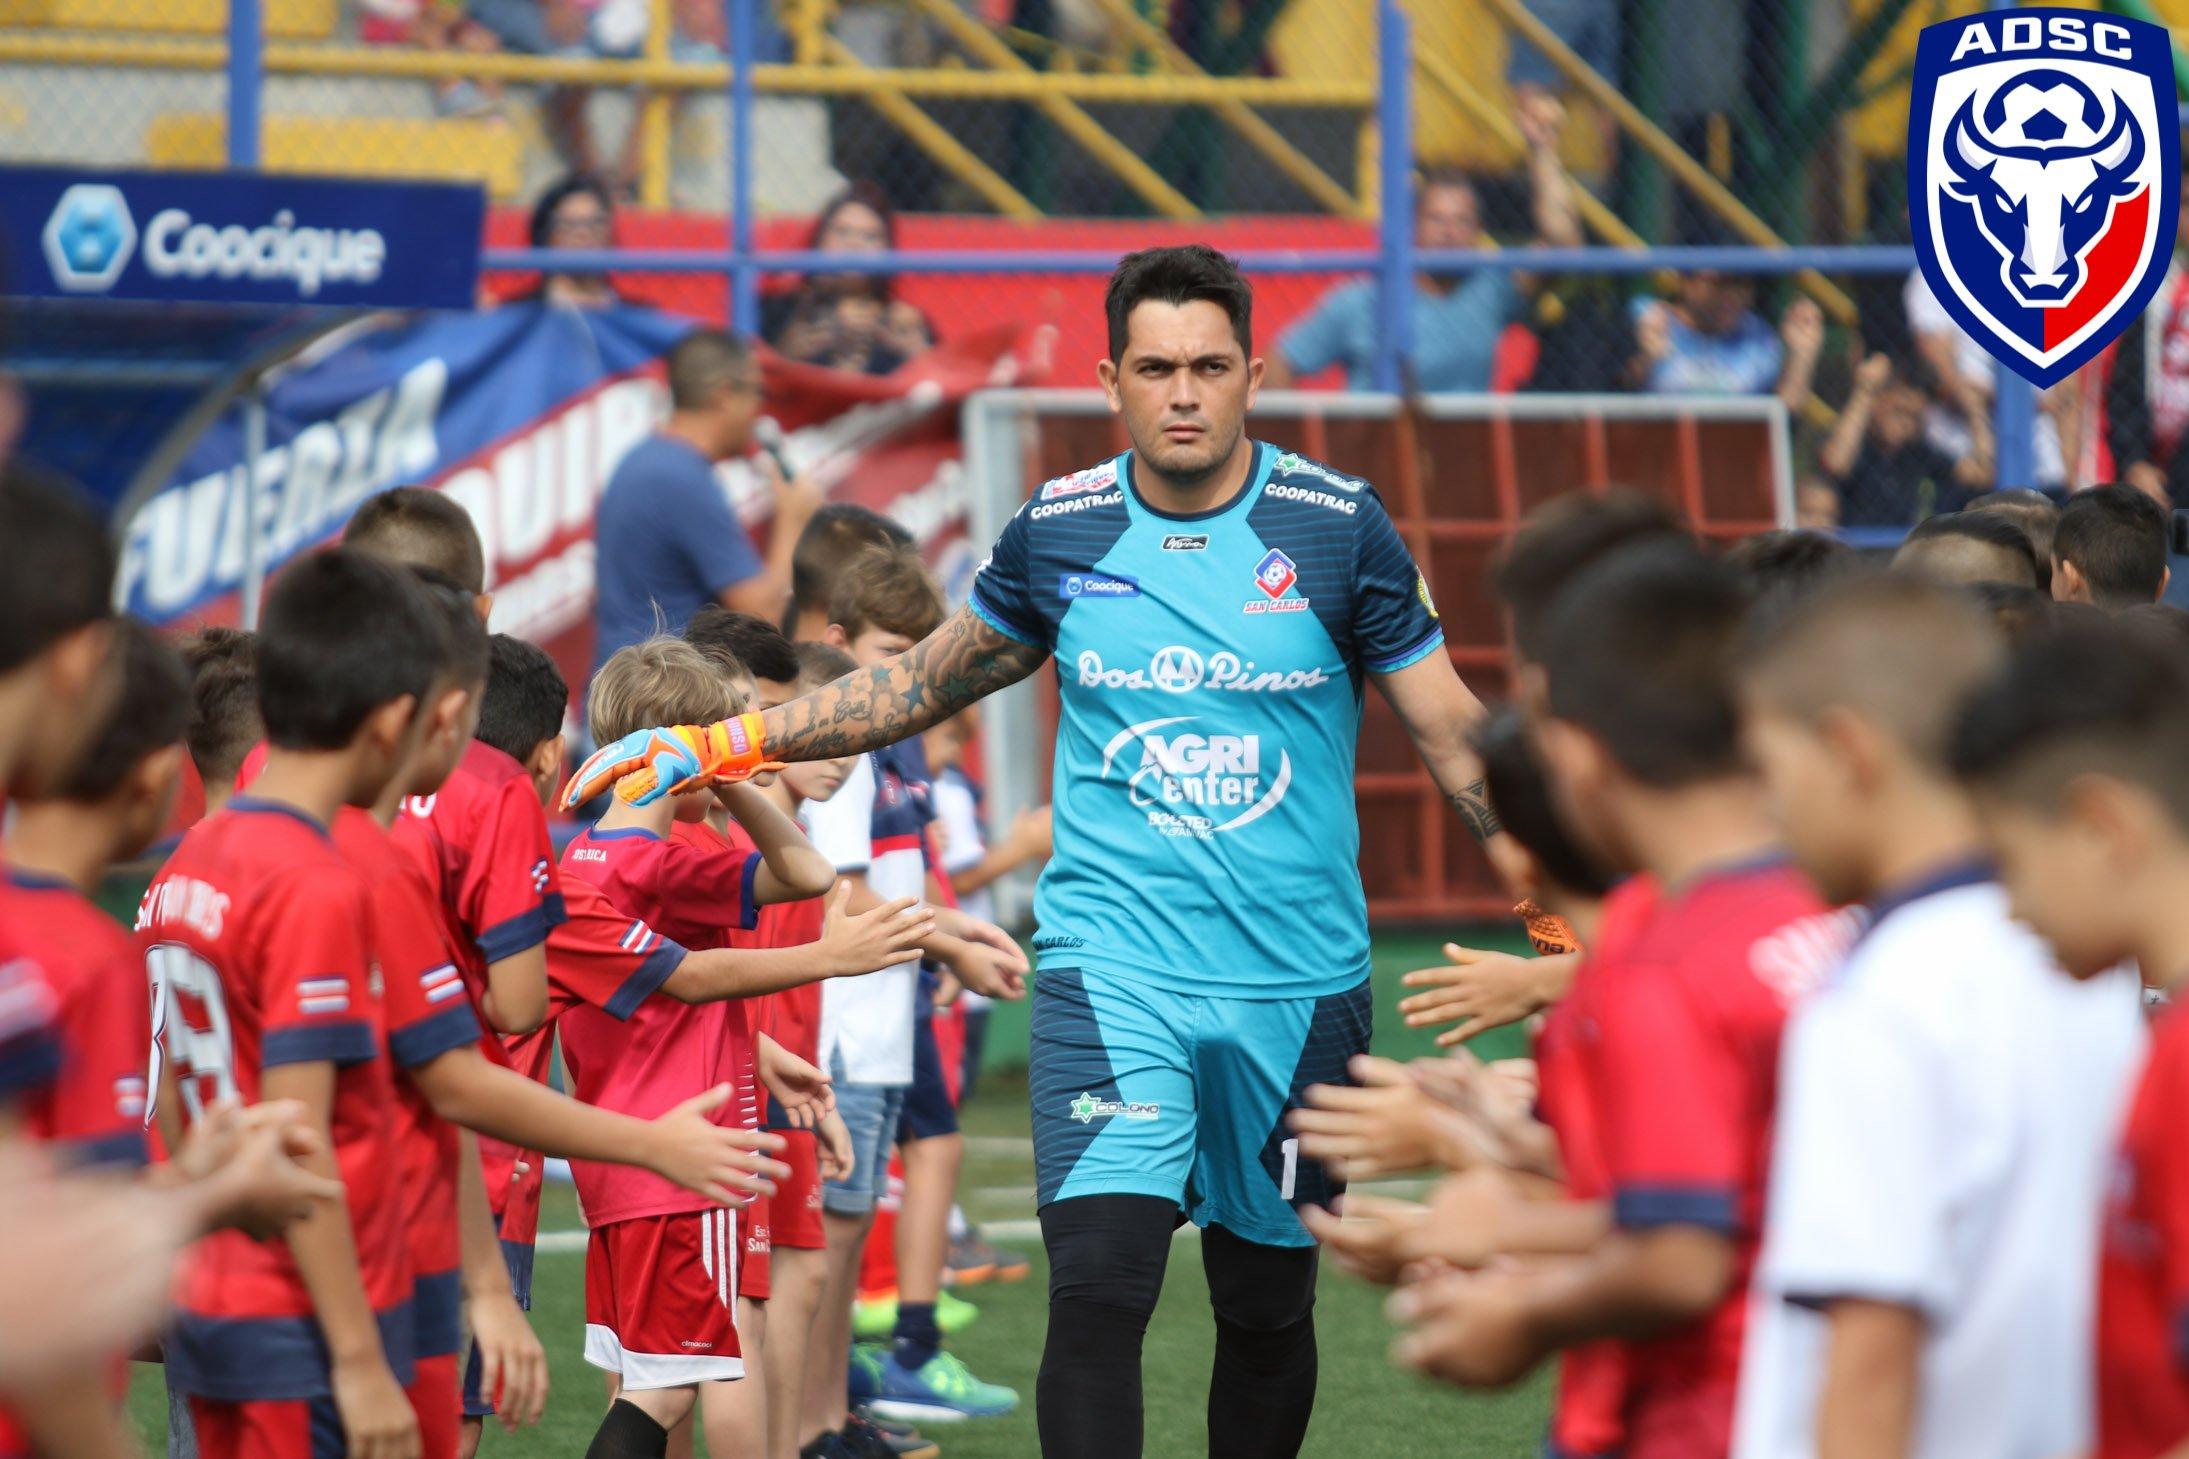 Presentación Equipo Apertura 2018 - AD San Carlos